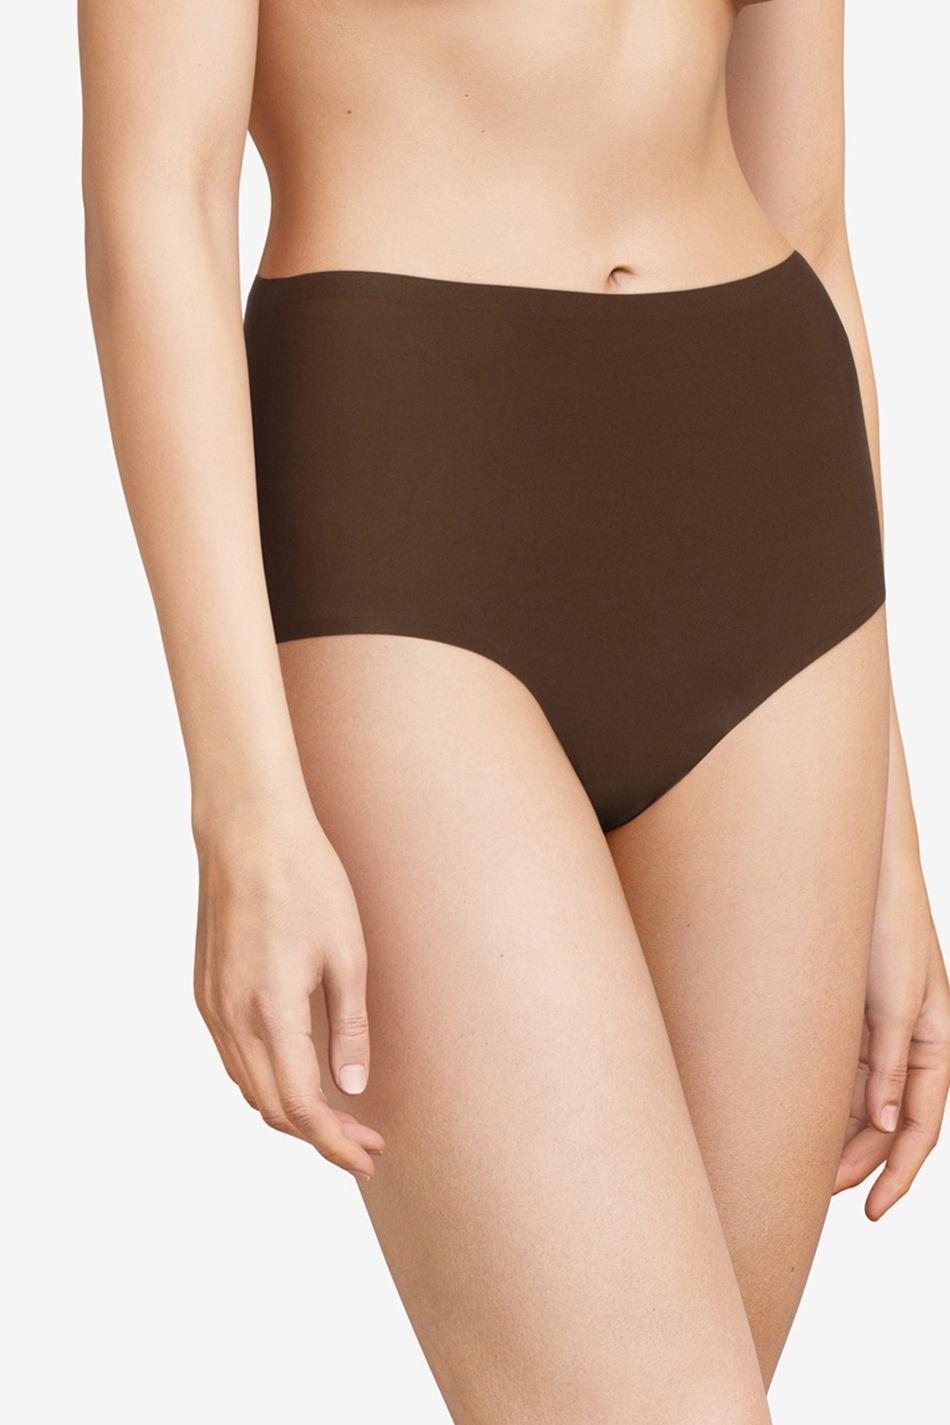 Высокие бесшовные трусы Chantelle Soft Stretch коричневый